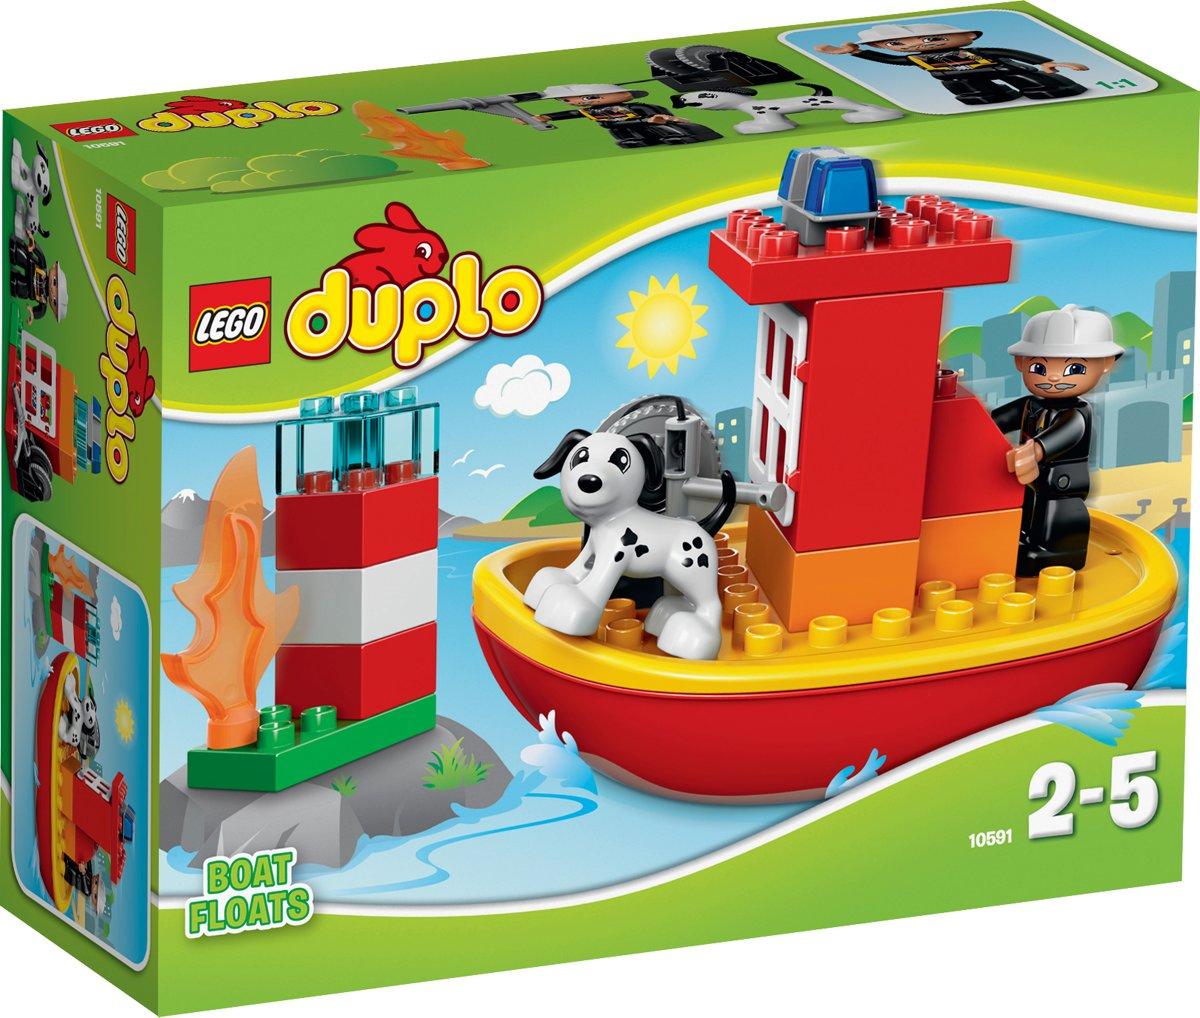 LEGO DUPLO Brandweerboot - 10591